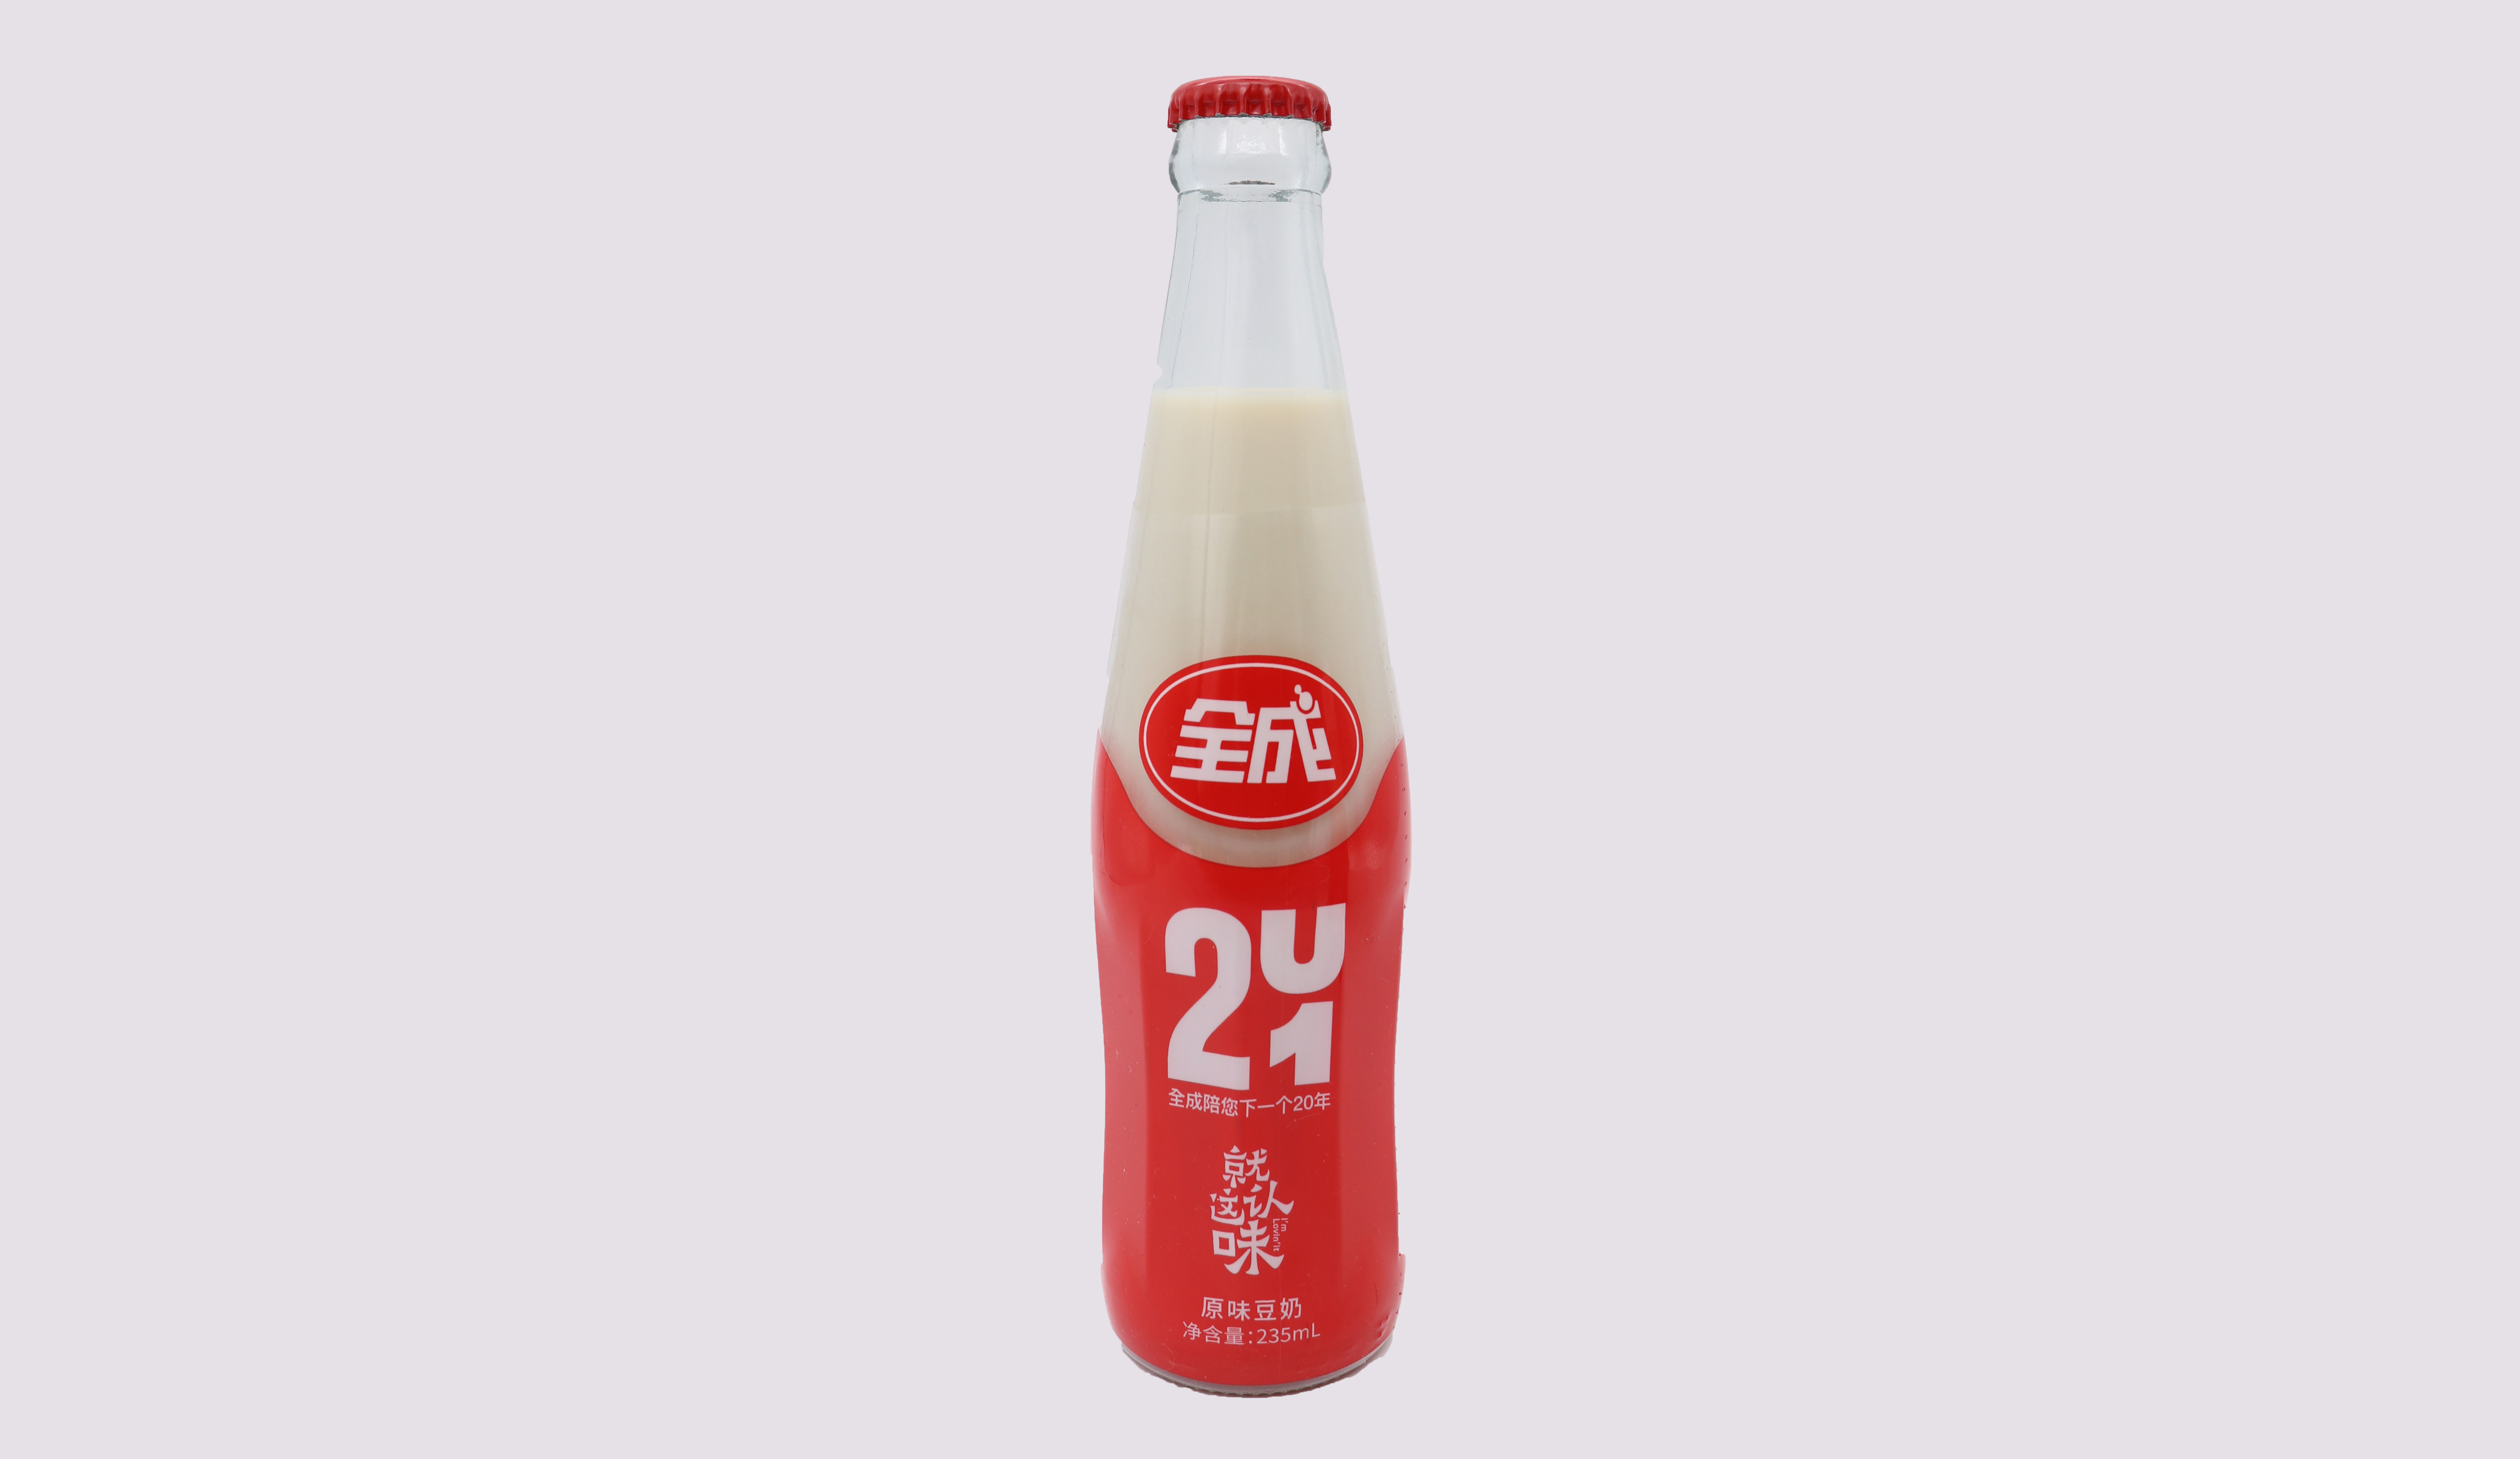 浙江新全成豆奶—回收玻璃瓶